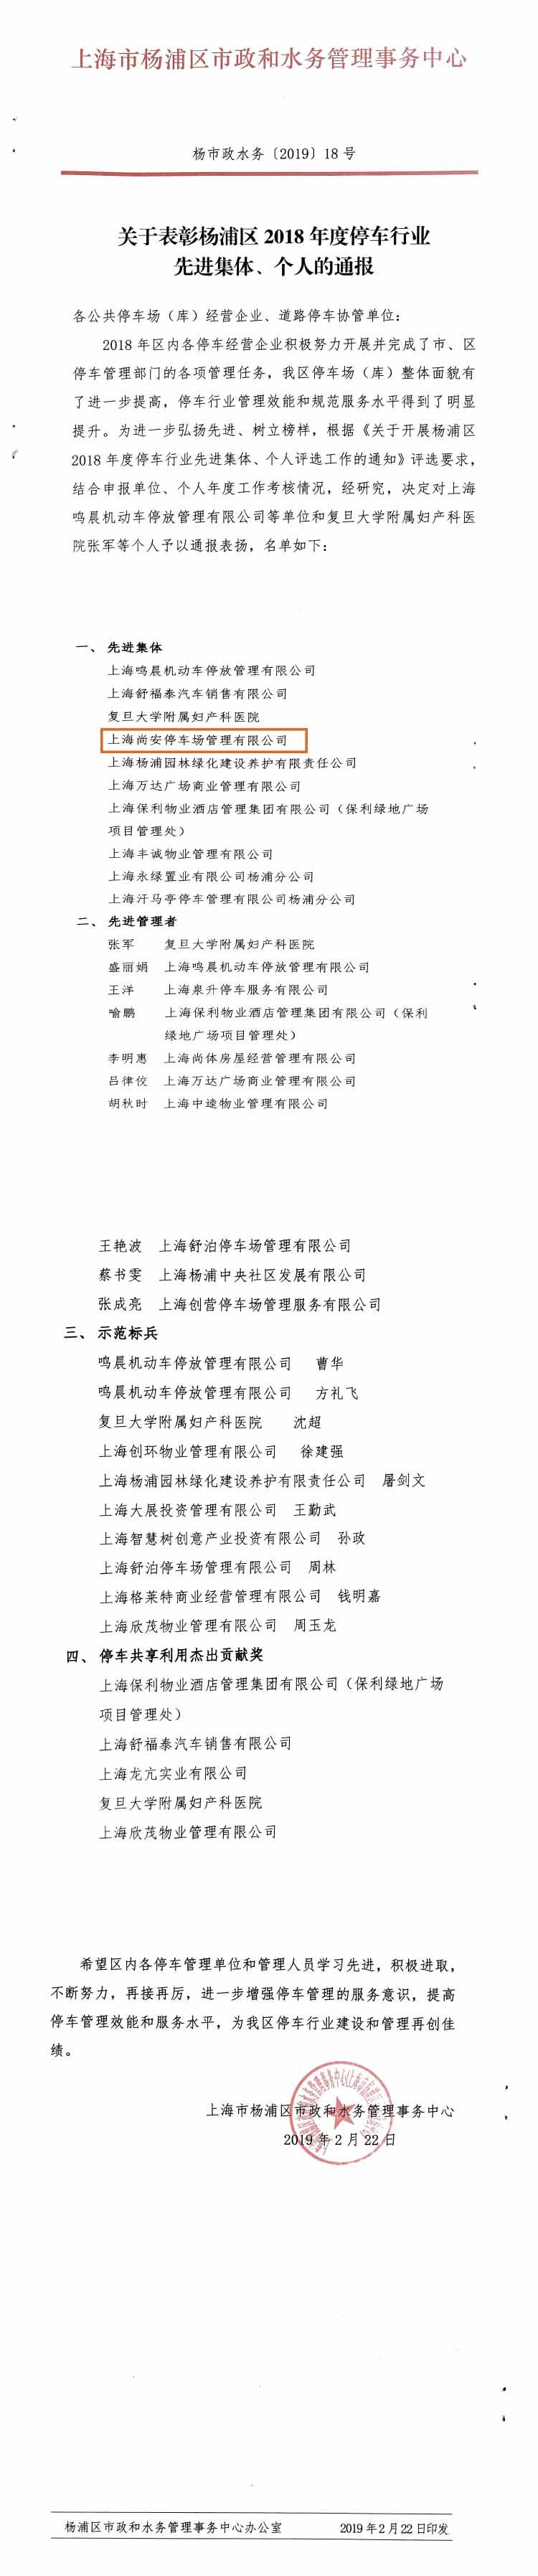 尚安智慧停车获杨浦区2018年度停车行业先进集体